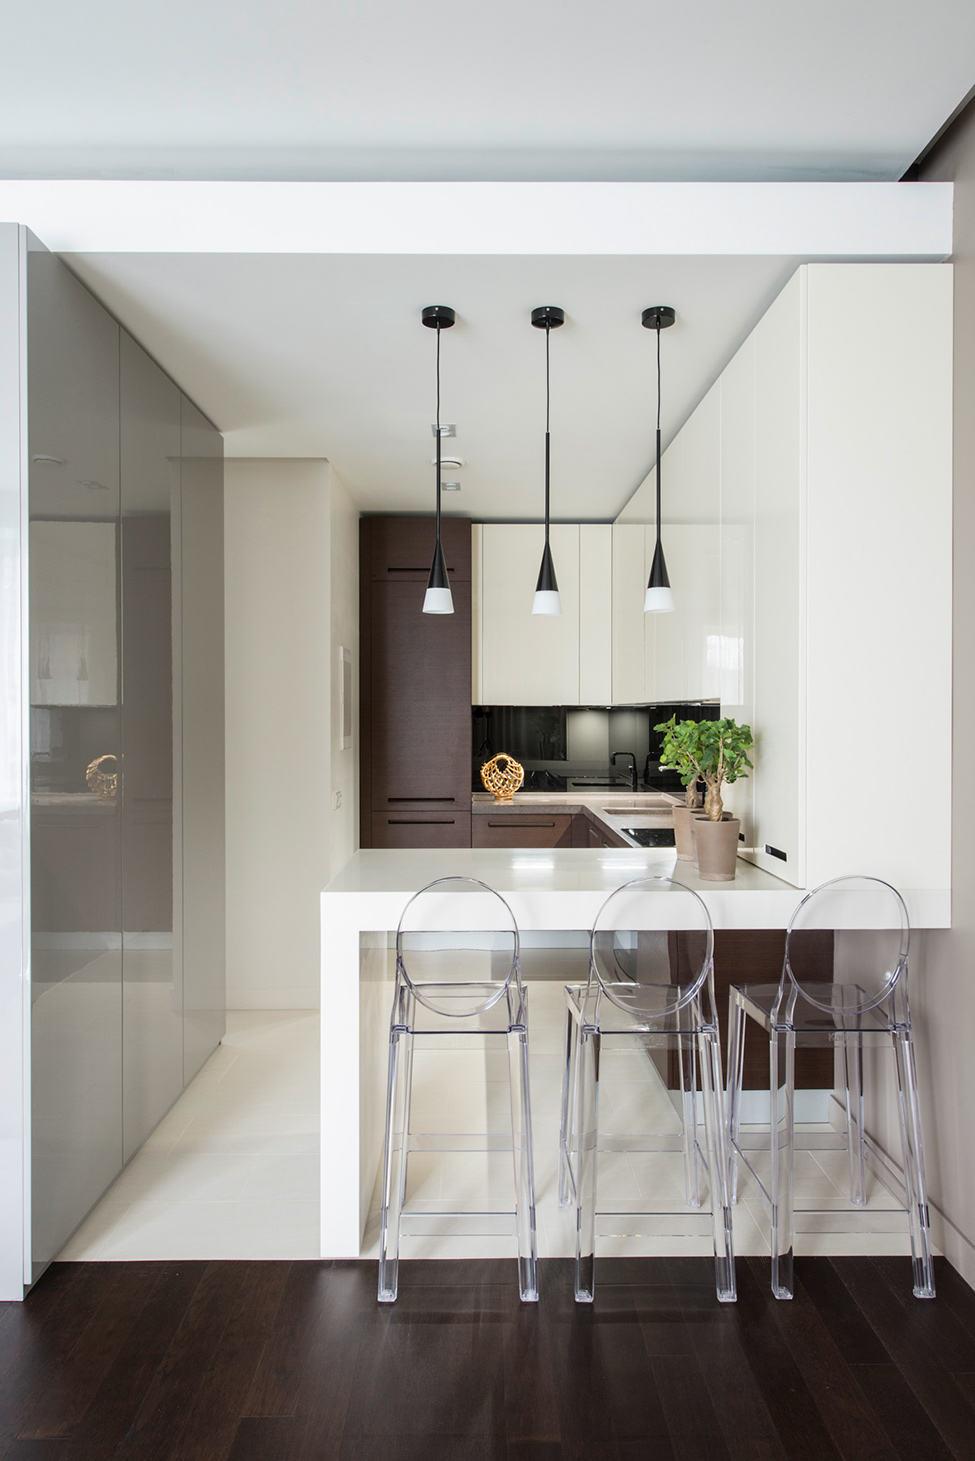 时尚简洁现代家装室内吧台透明水晶椅配置效果图